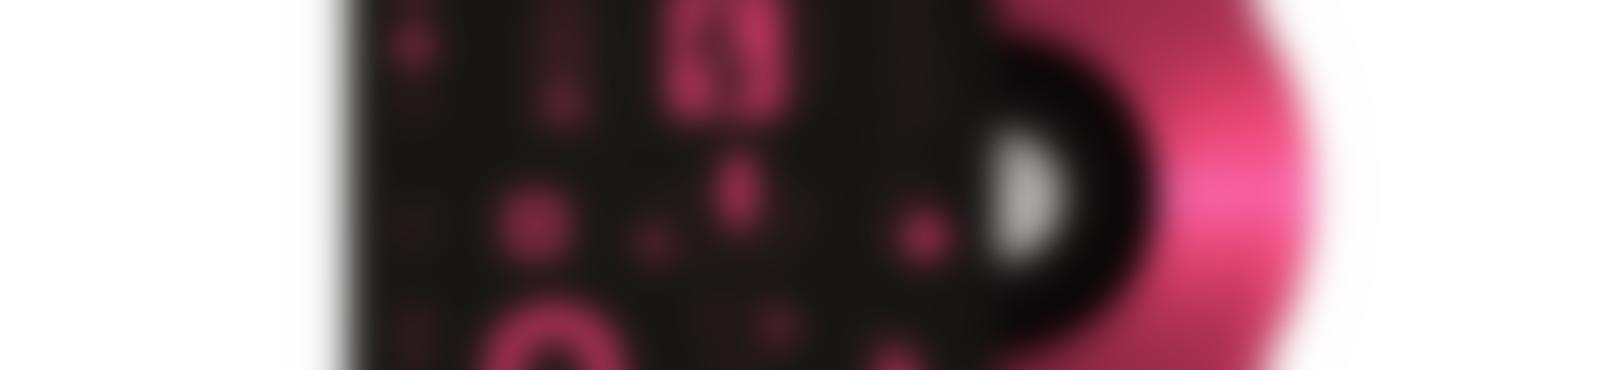 Blurred e0b70046 b7b7 4be3 a4fe e17253eff714